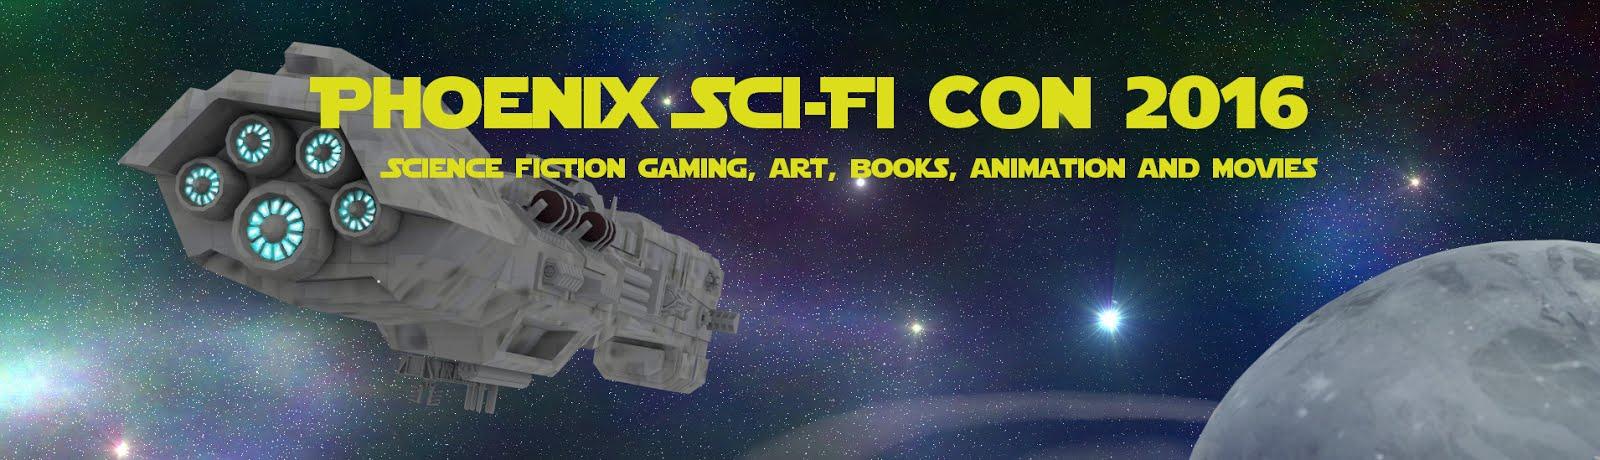 Phoenix SciFi Con 2016